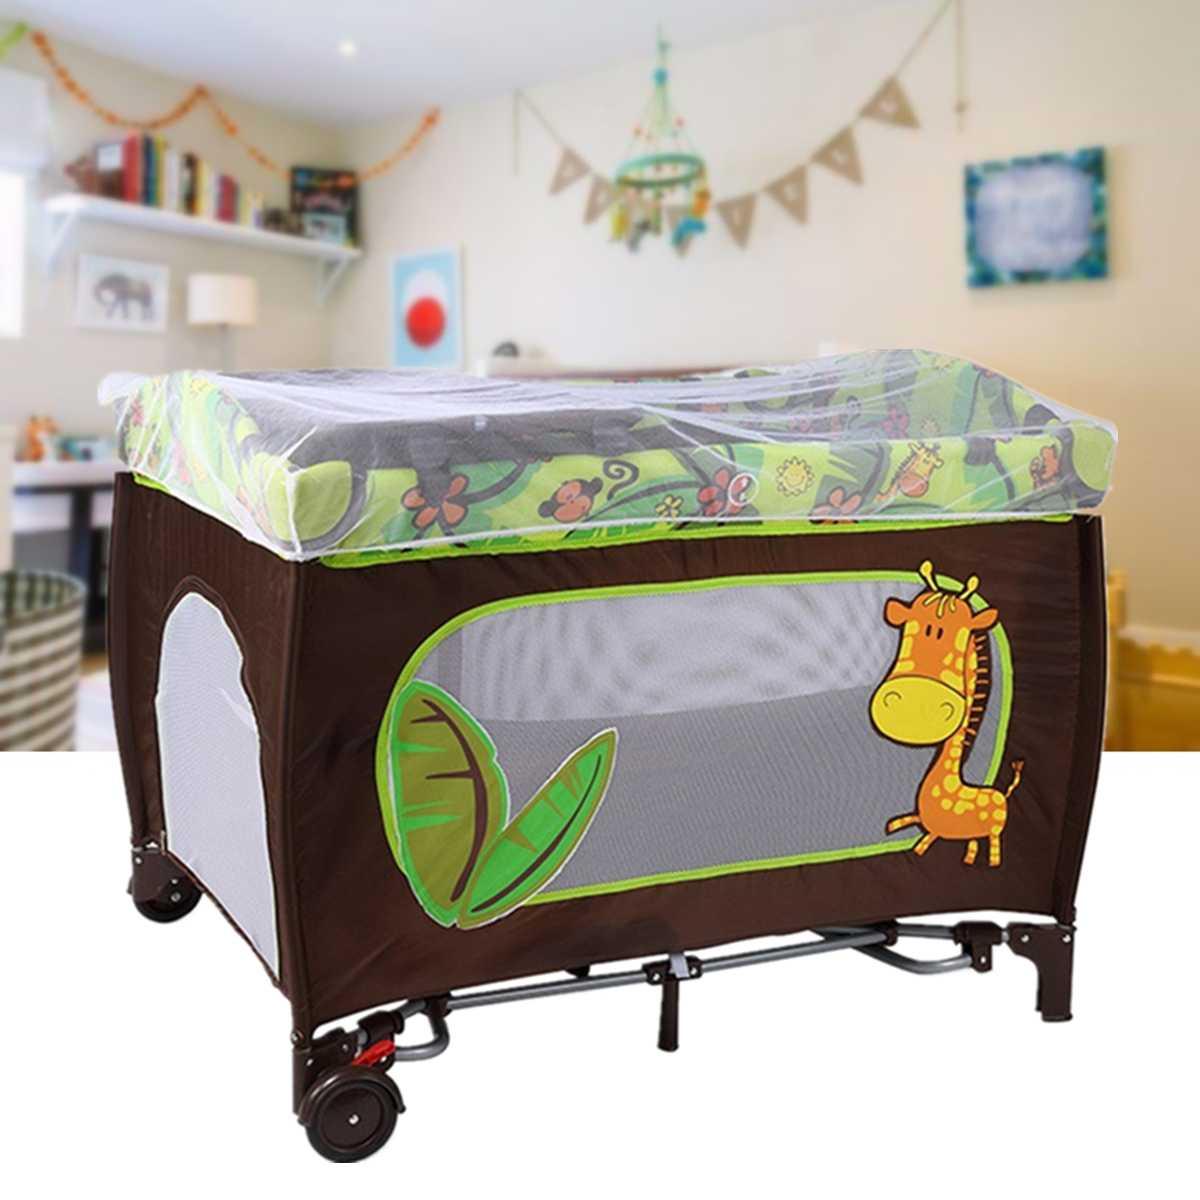 104x78x76 Cm Multifunktionale Tragbare Falten Baby Krippen Spiel Bett Reise Sleeper Bett Laufstall Neugeborenen Stubenwagen Möbel Mit Net Preisnachlass